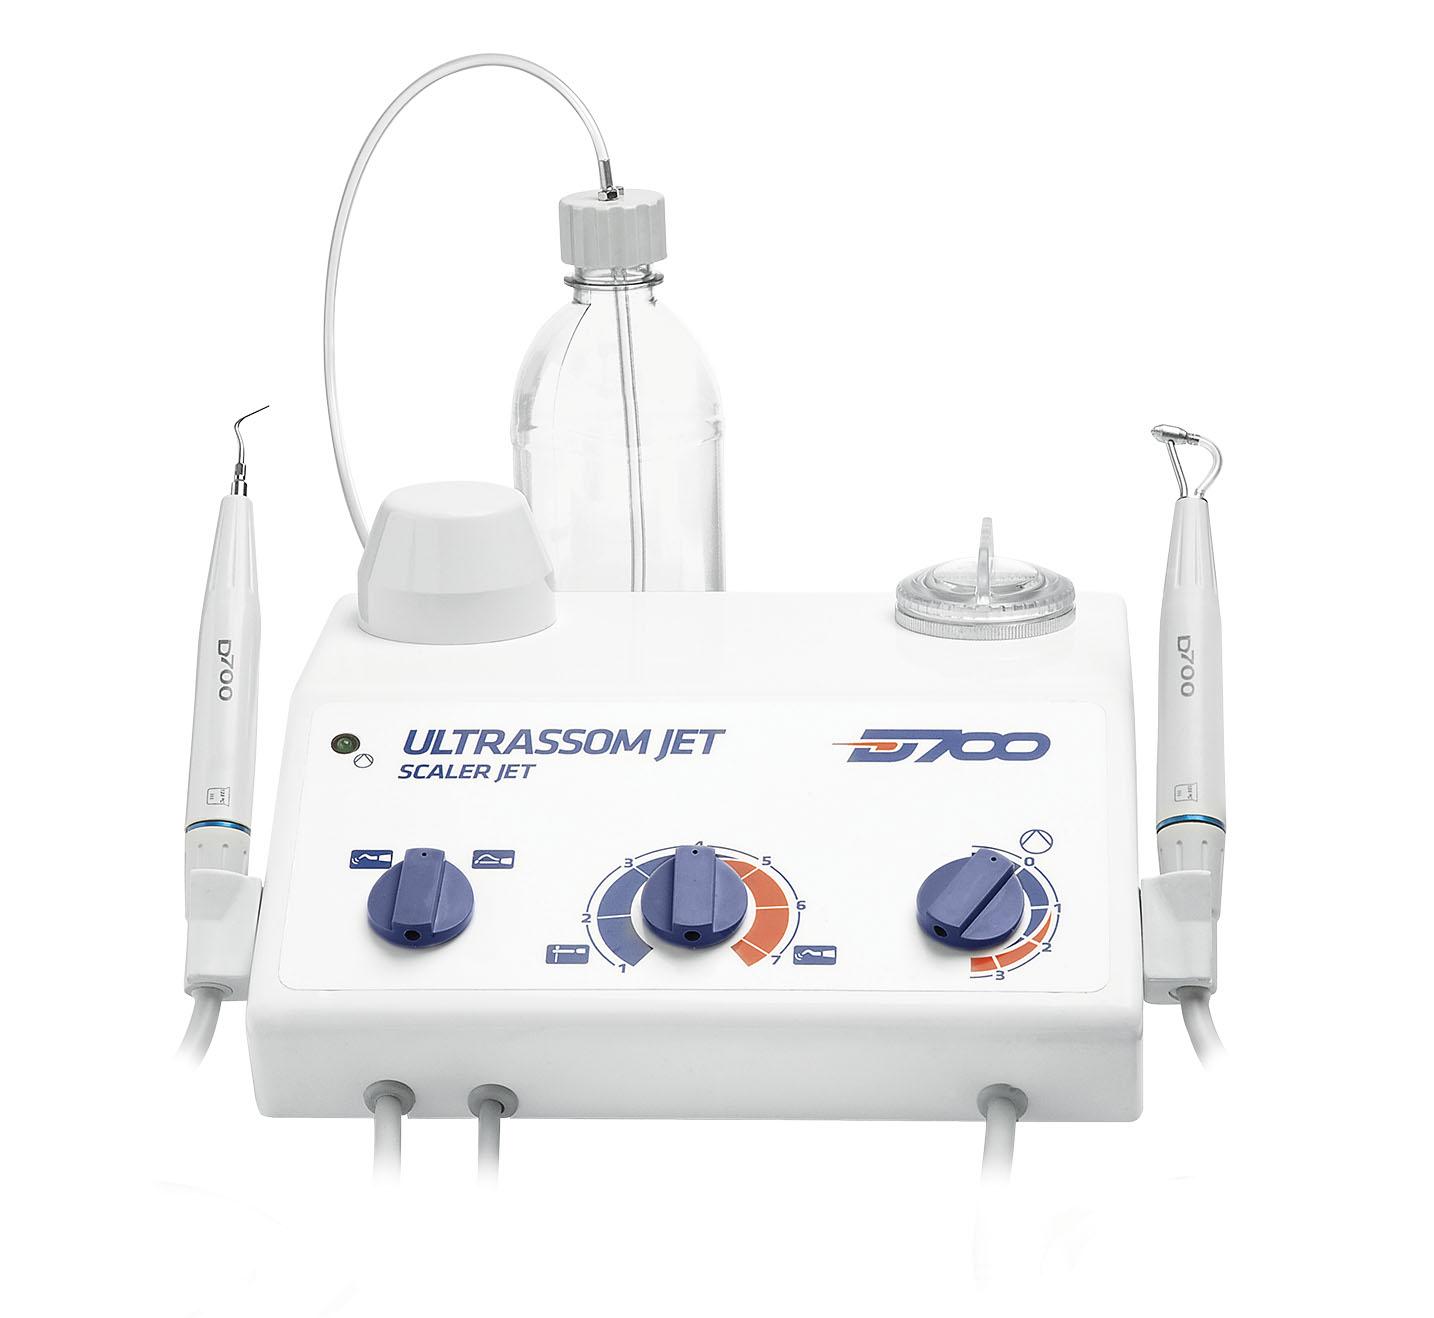 Ultrassom Jet - D700